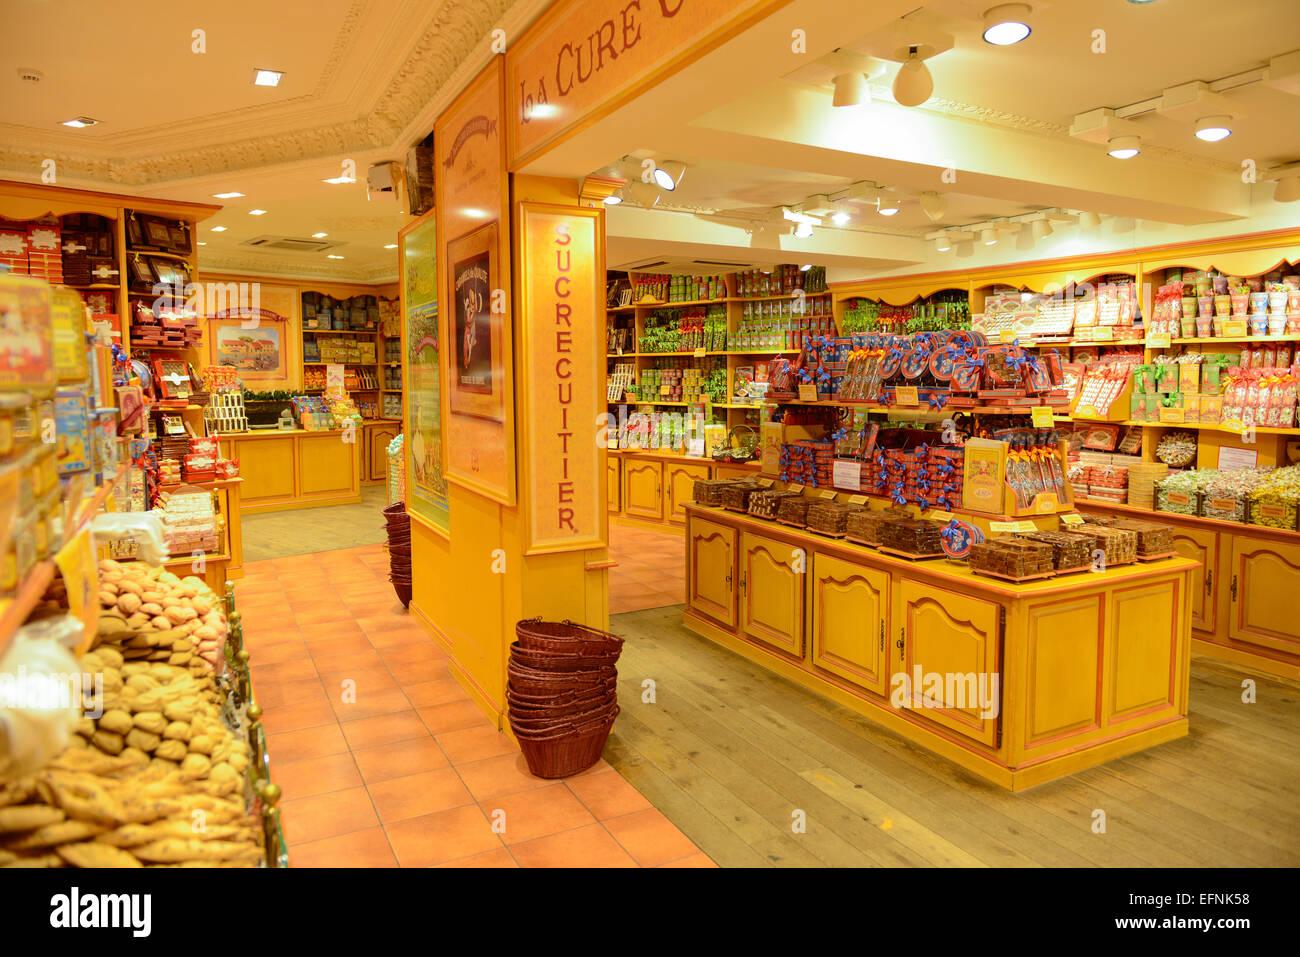 La Cure Gourmande Candy Shop in Brugge, Belgien Stockbild